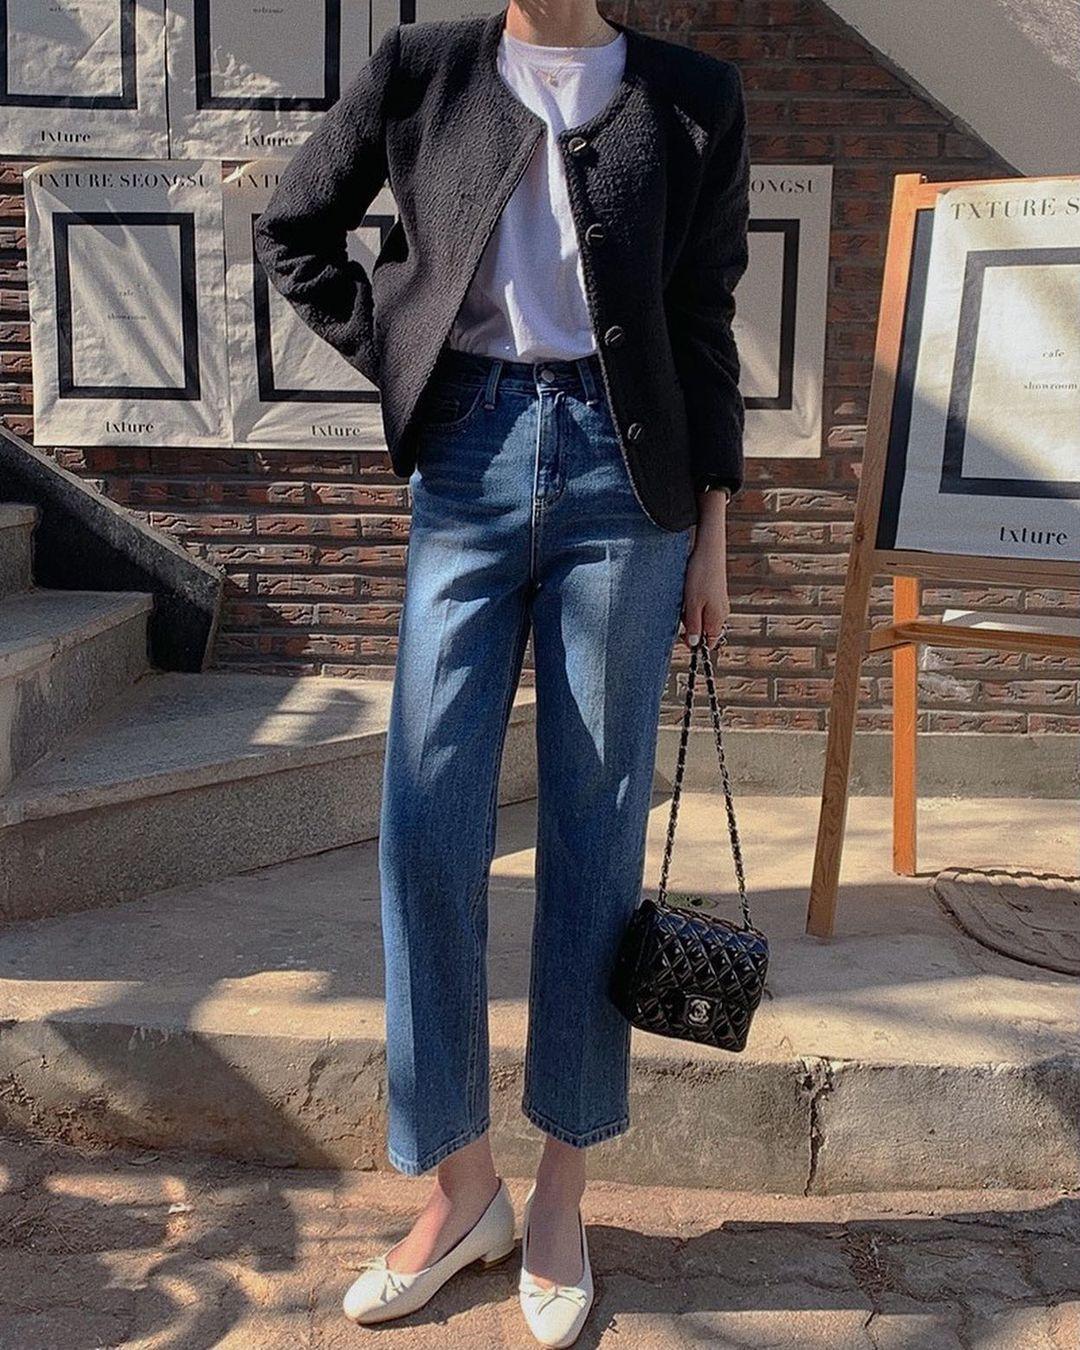 Kiểu giày búp bê hot nhất mùa Xuân: Diện với quần jeans hay váy đều xịn đẹp Ảnh 7